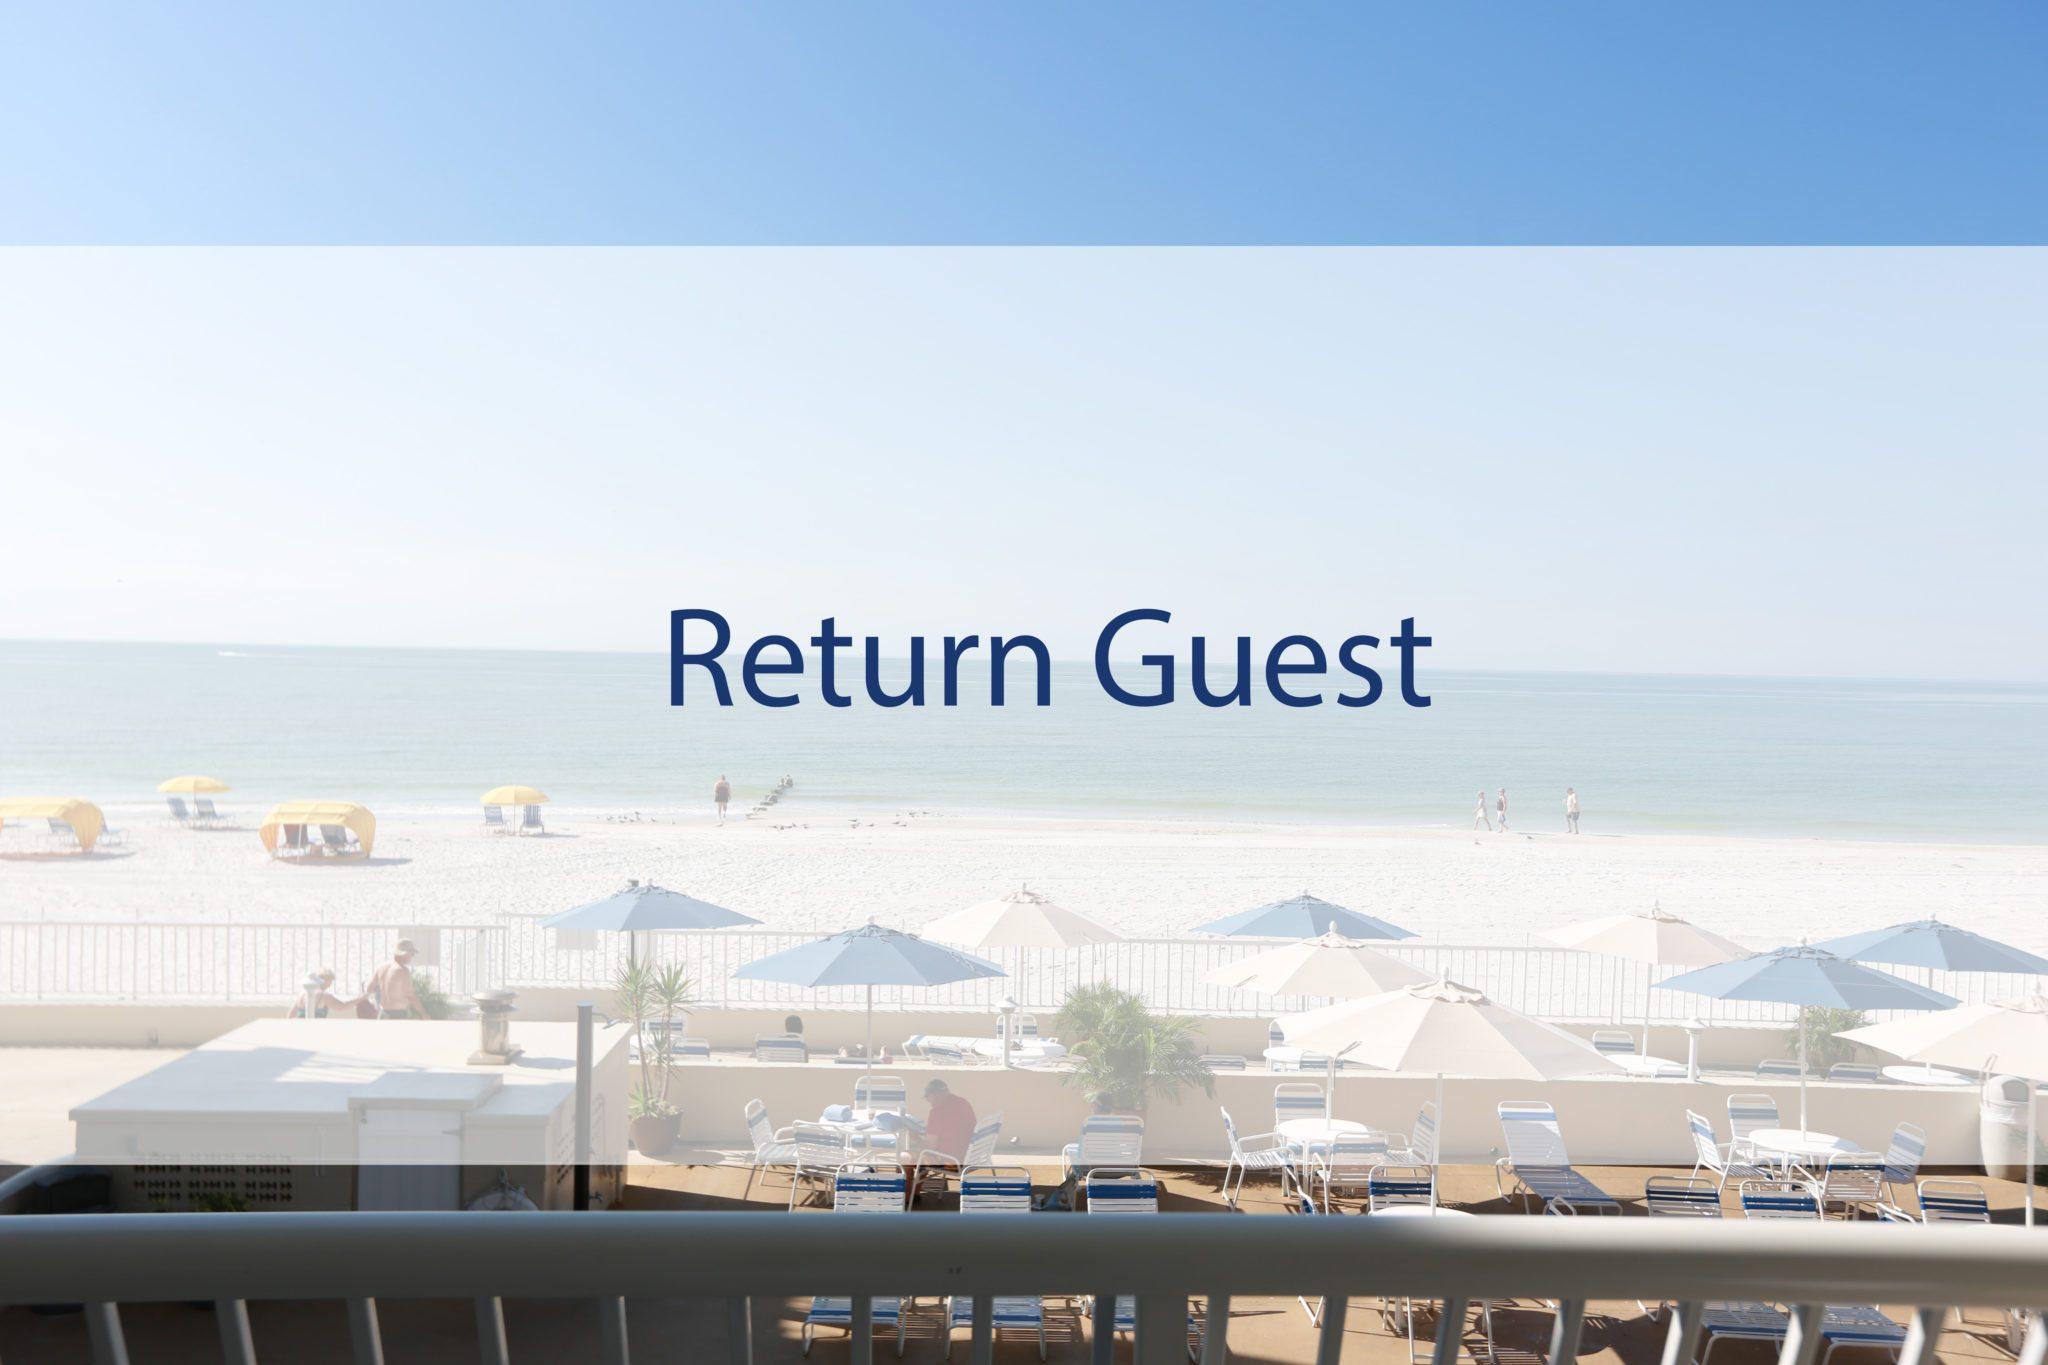 Return Guest